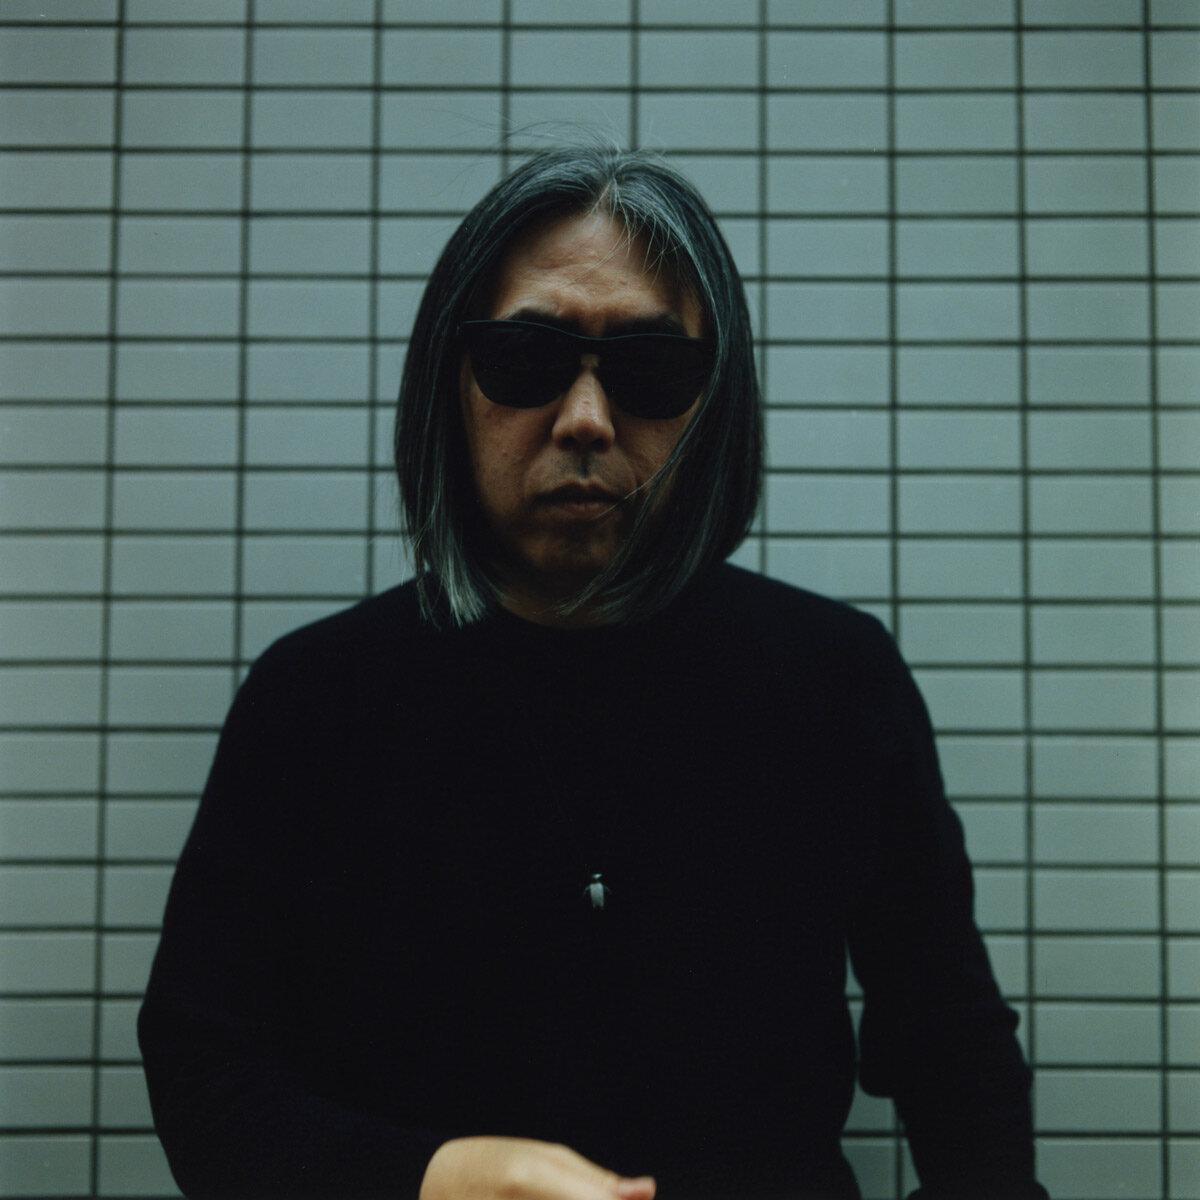 藤原ヒロシが贈る最新アルバム『slumbers 2』発売インタビュー